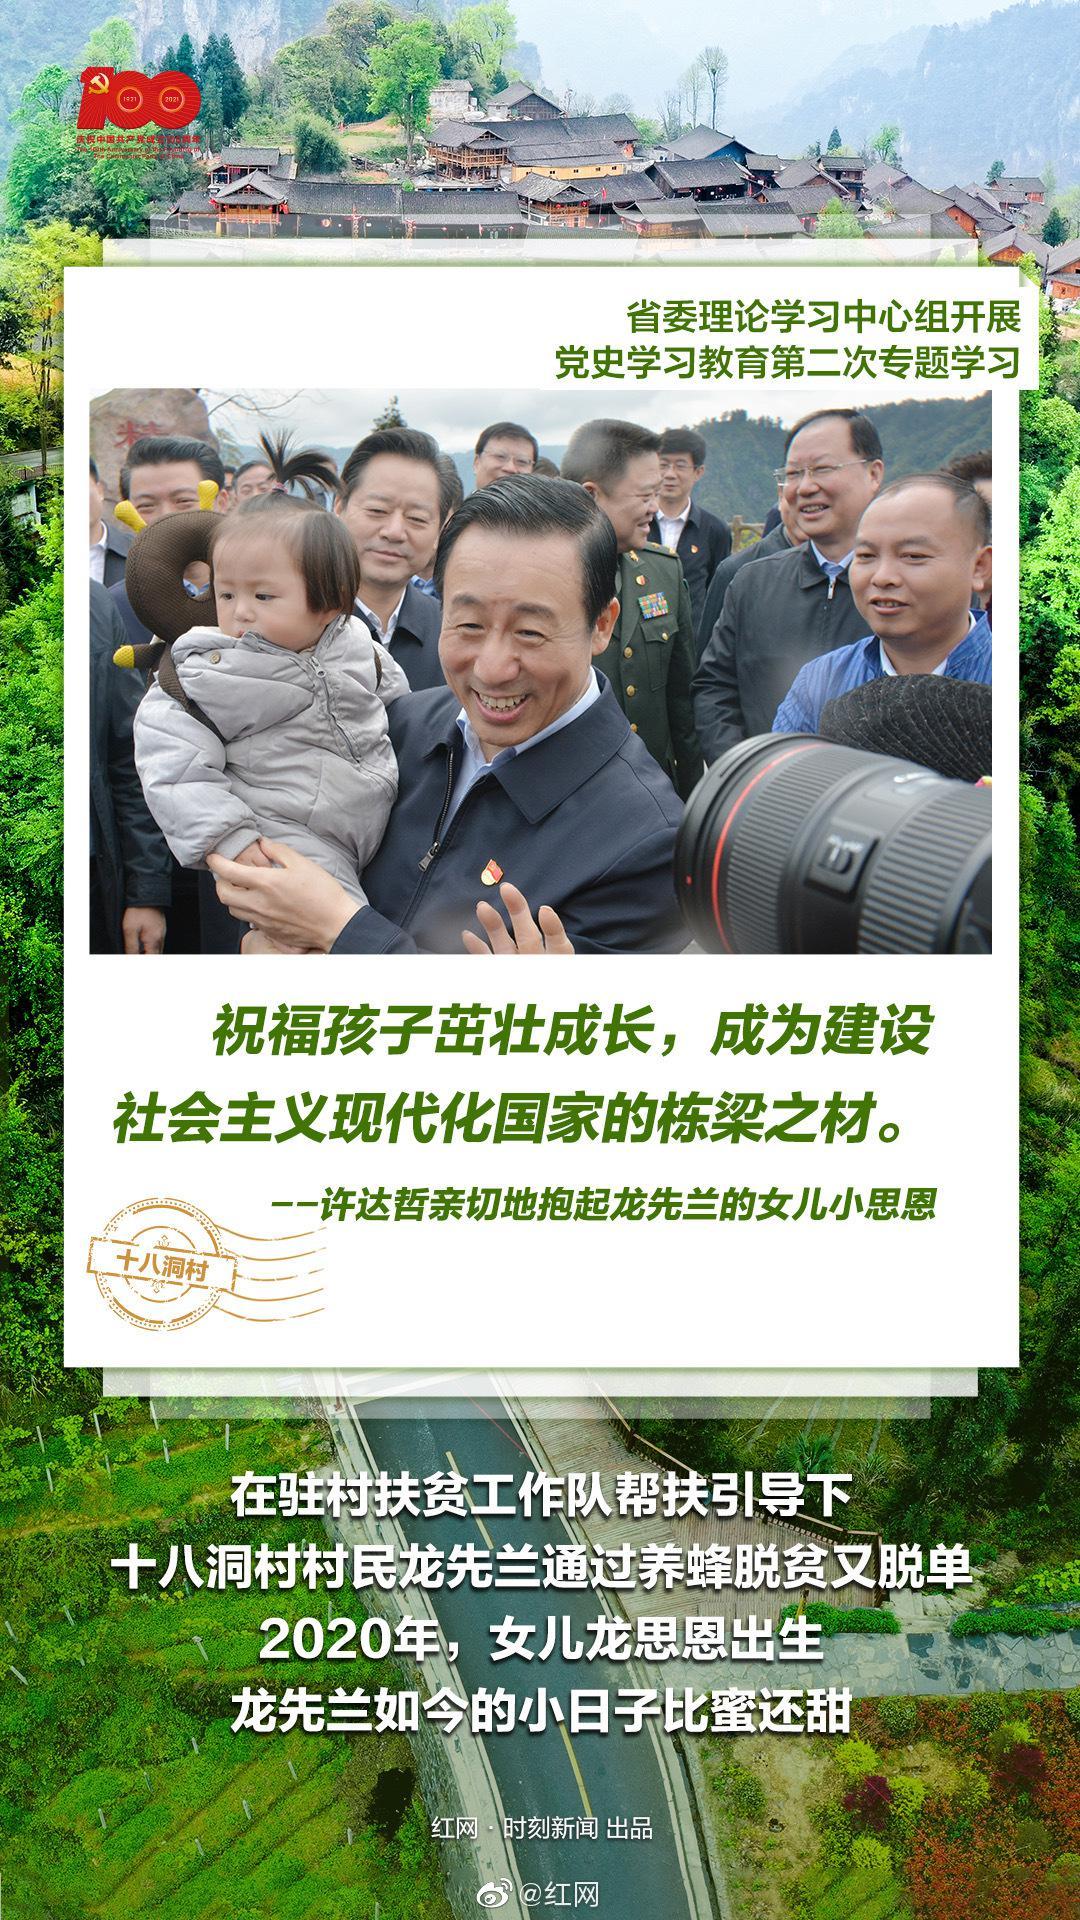 """微海报丨在十八洞村,许达哲抱起了一个叫""""思恩""""的小女孩"""